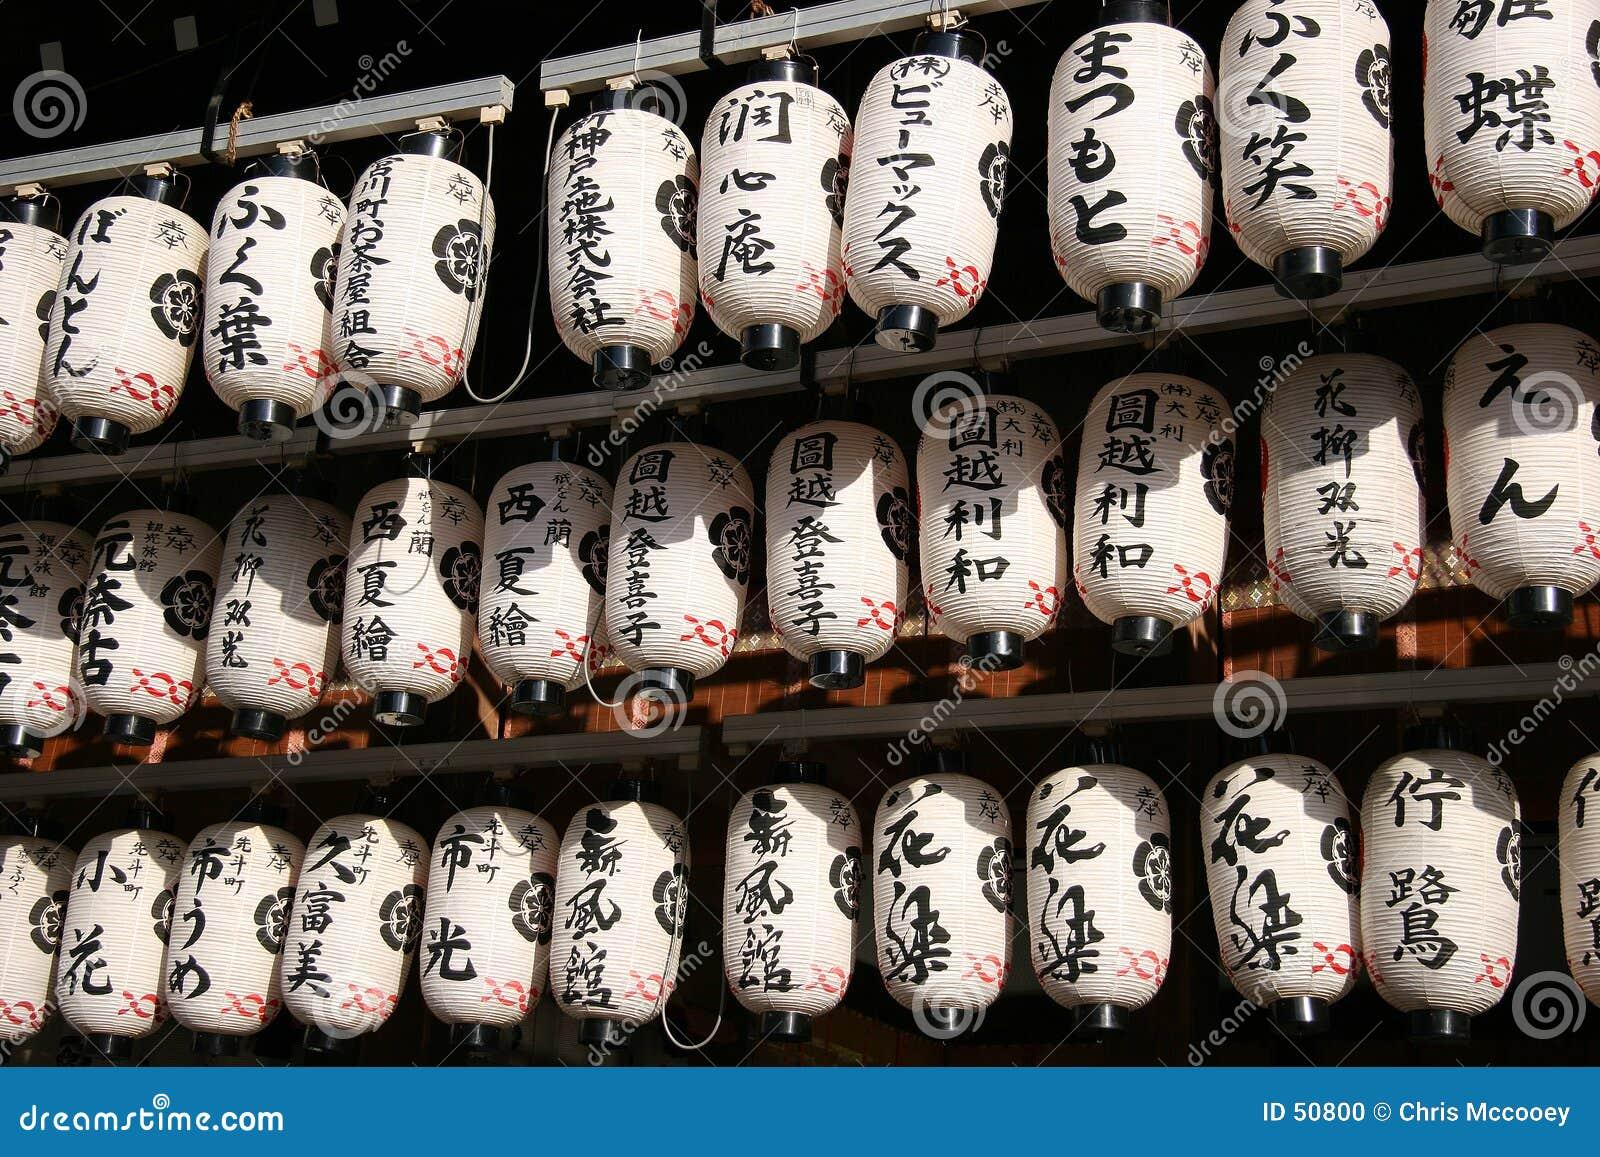 Lanternas japonesas.